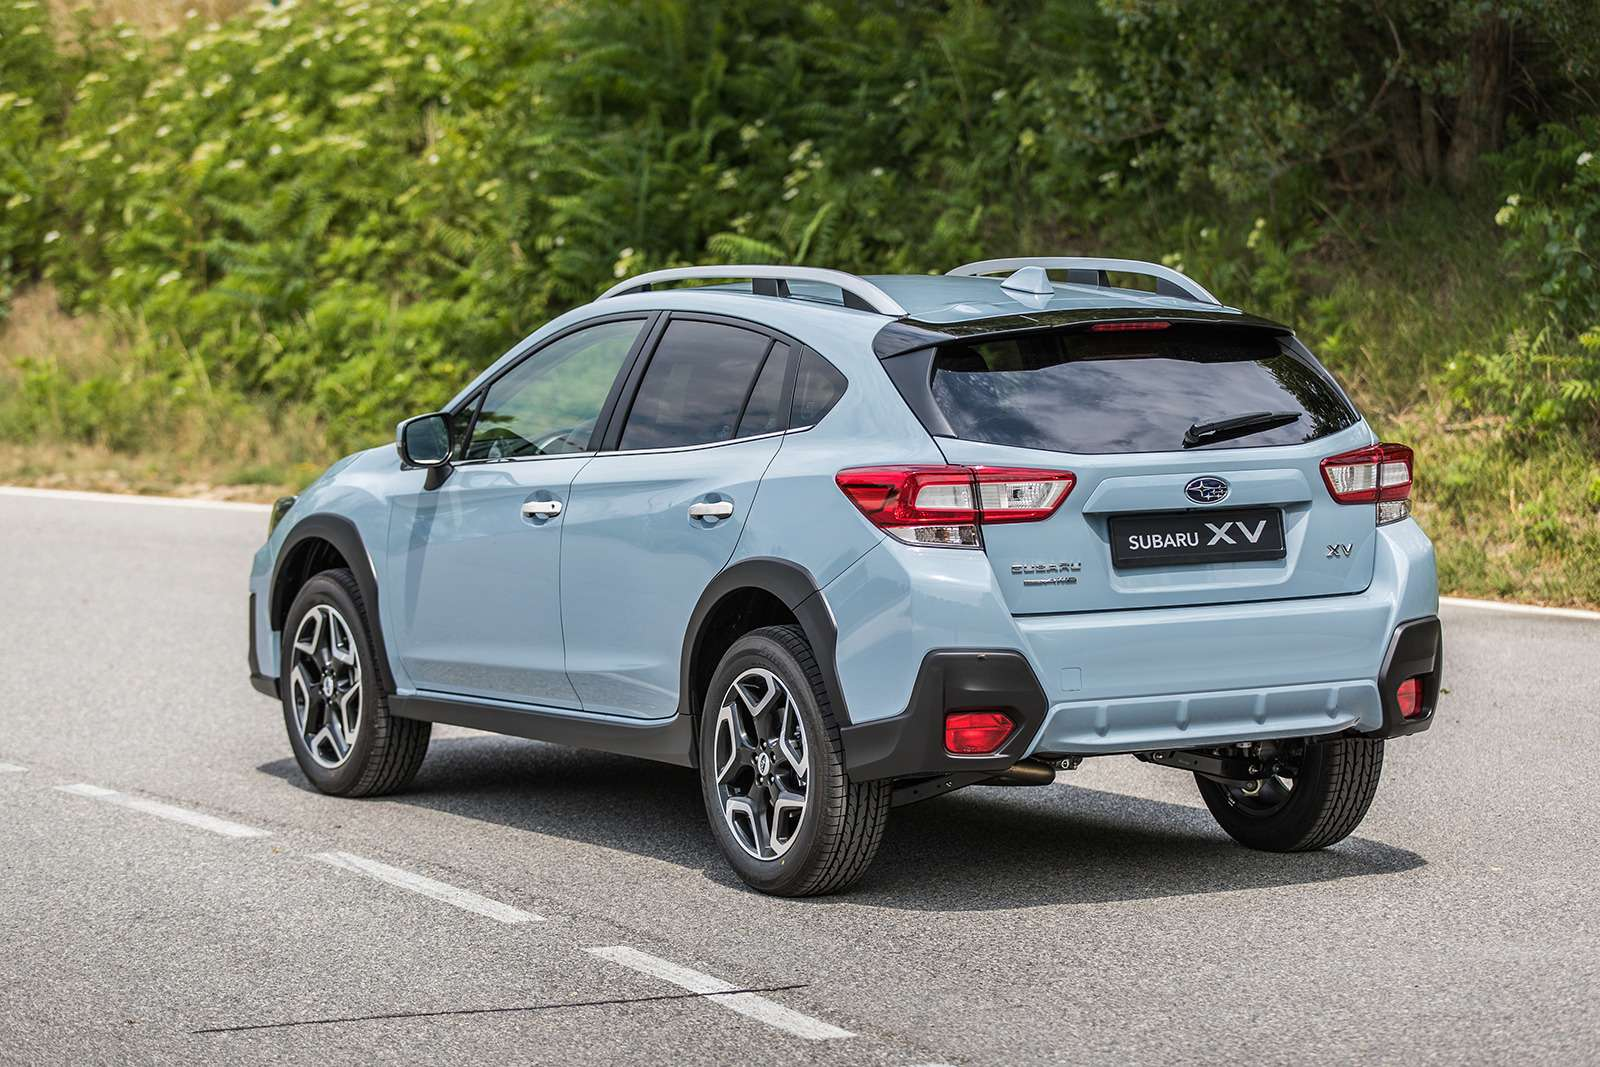 Subaru рассказала оновом XVдляРоссии— фото 794760